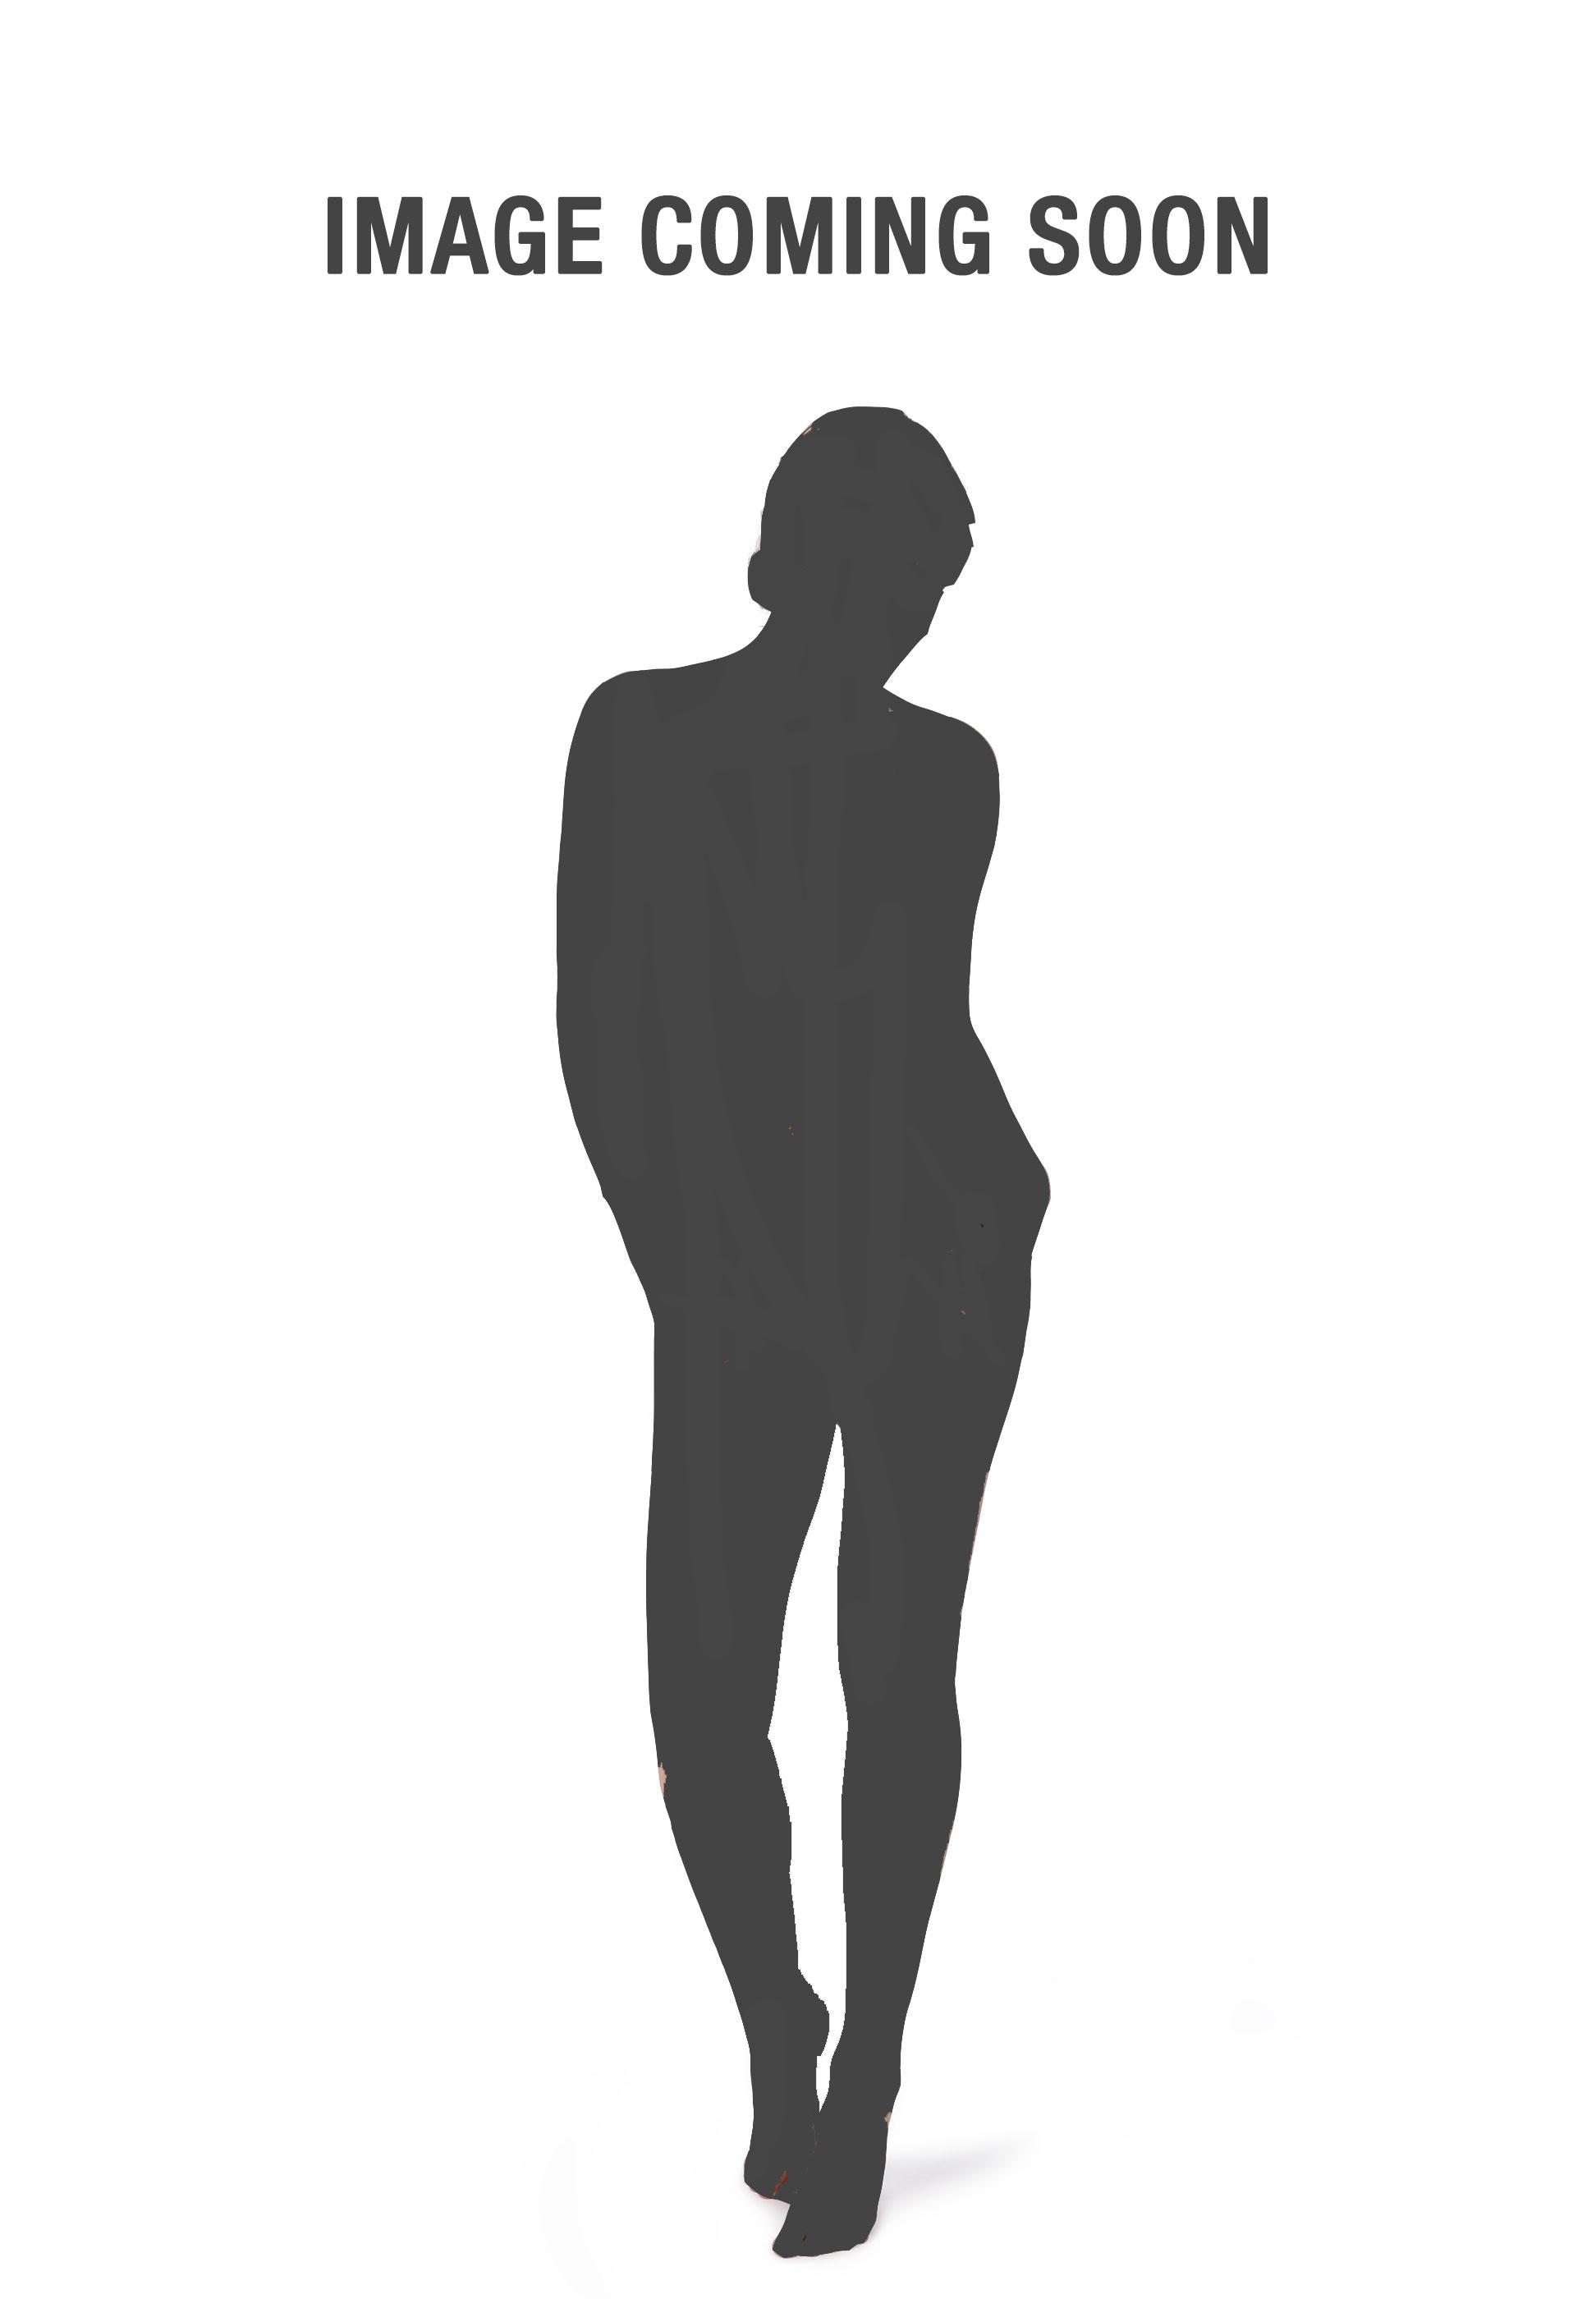 HUBER_Basic_W_24hourswomenSleep_shorts_018924_014752_010.jpg